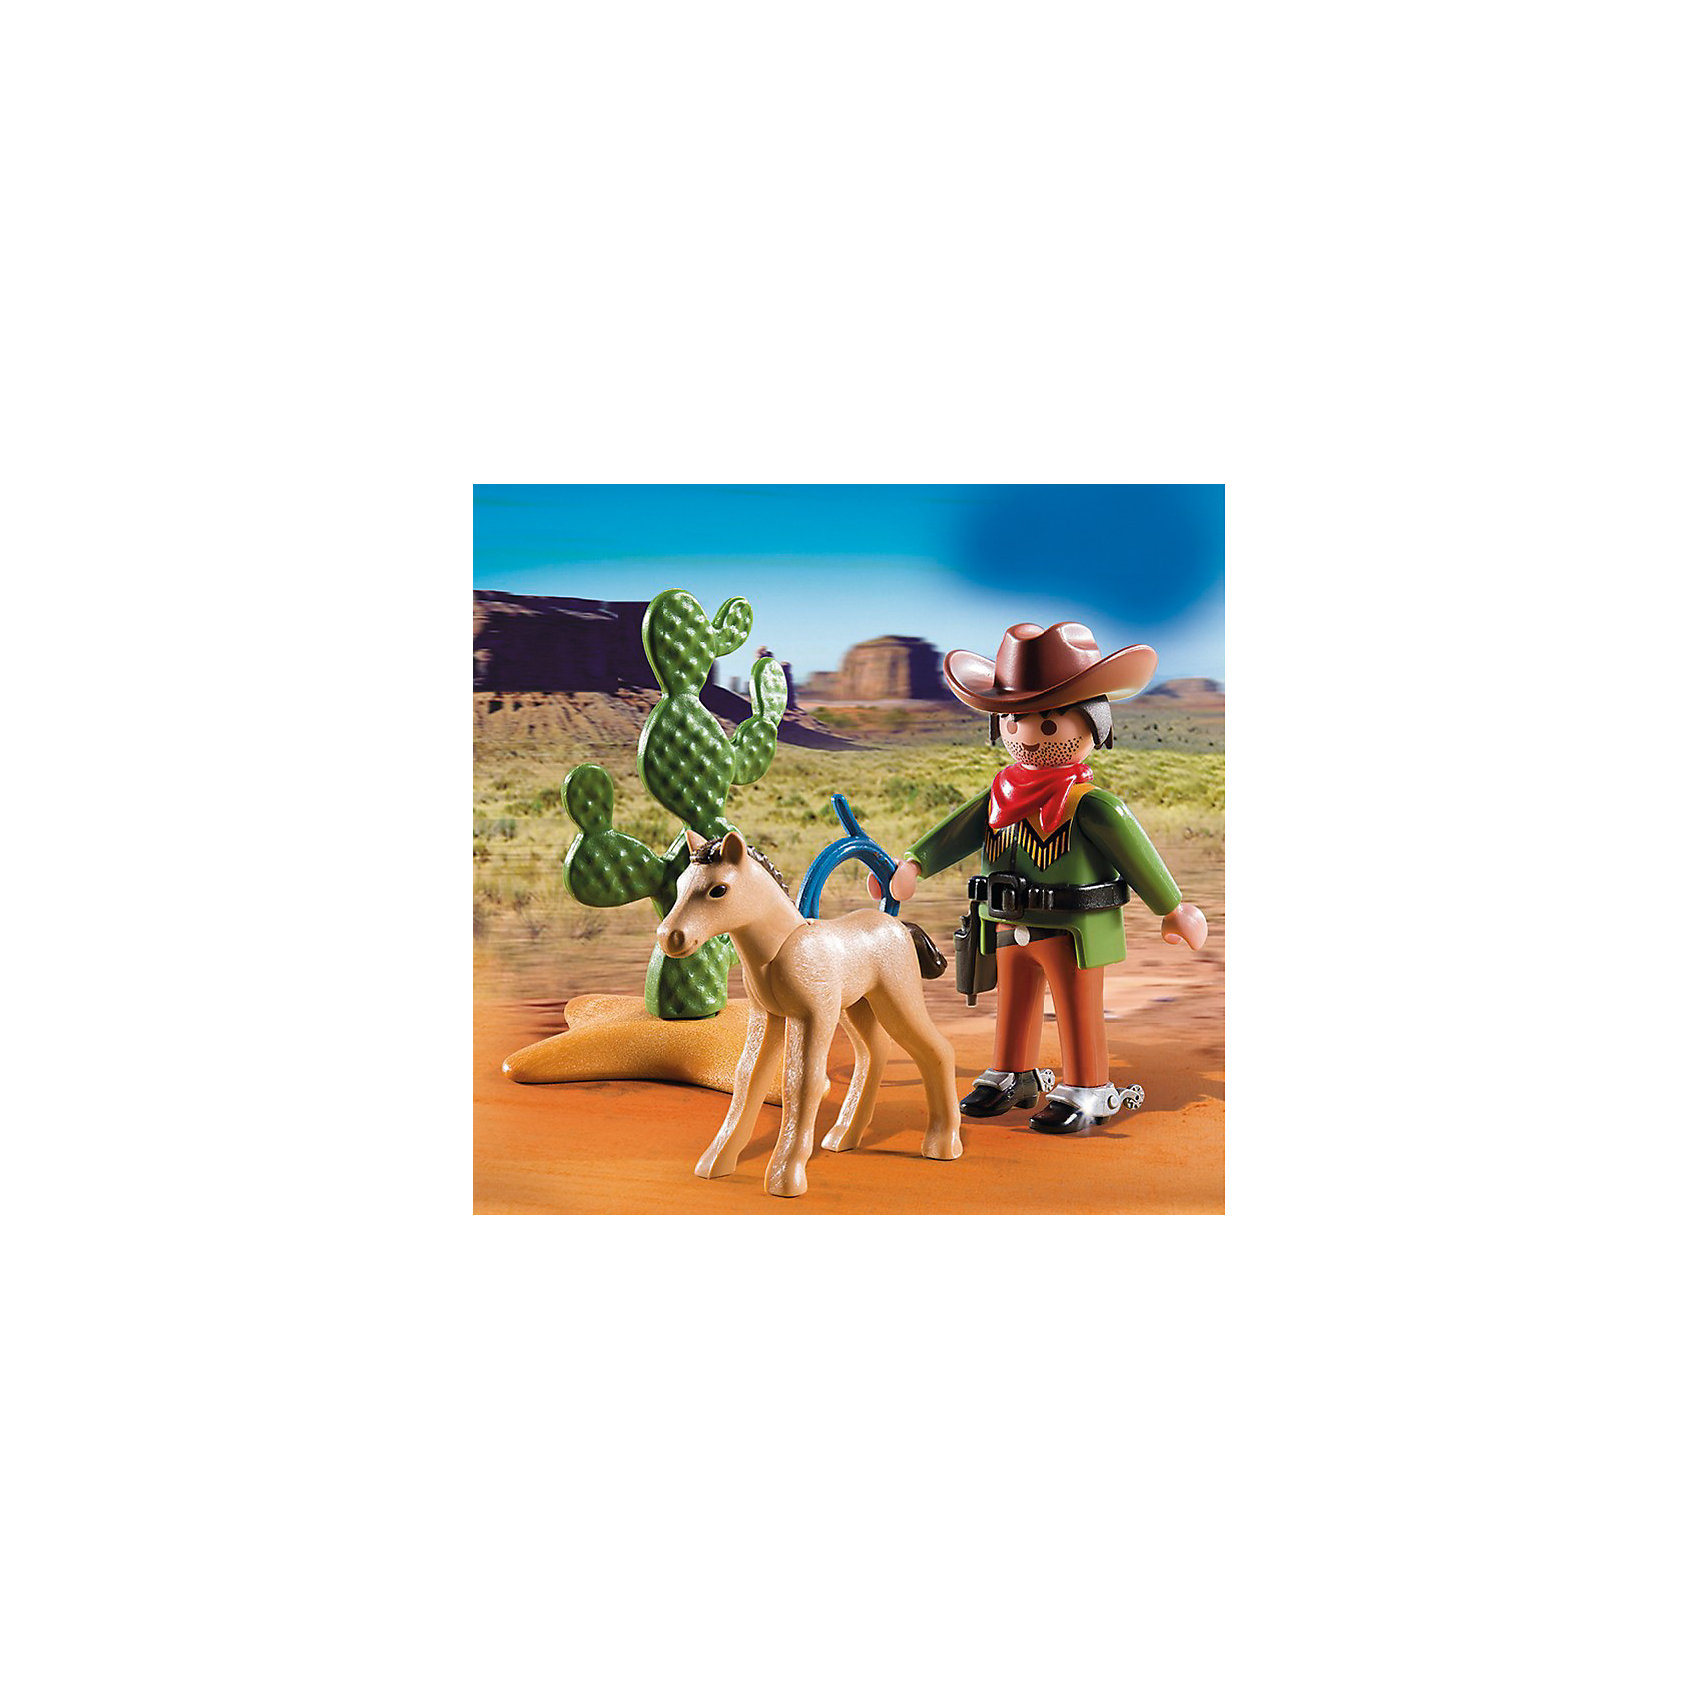 PLAYMOBIL® Экстра-набор: Ковбой с жеребенком, PLAYMOBIL playmobil® экстра набор сёрфингист с доской playmobil